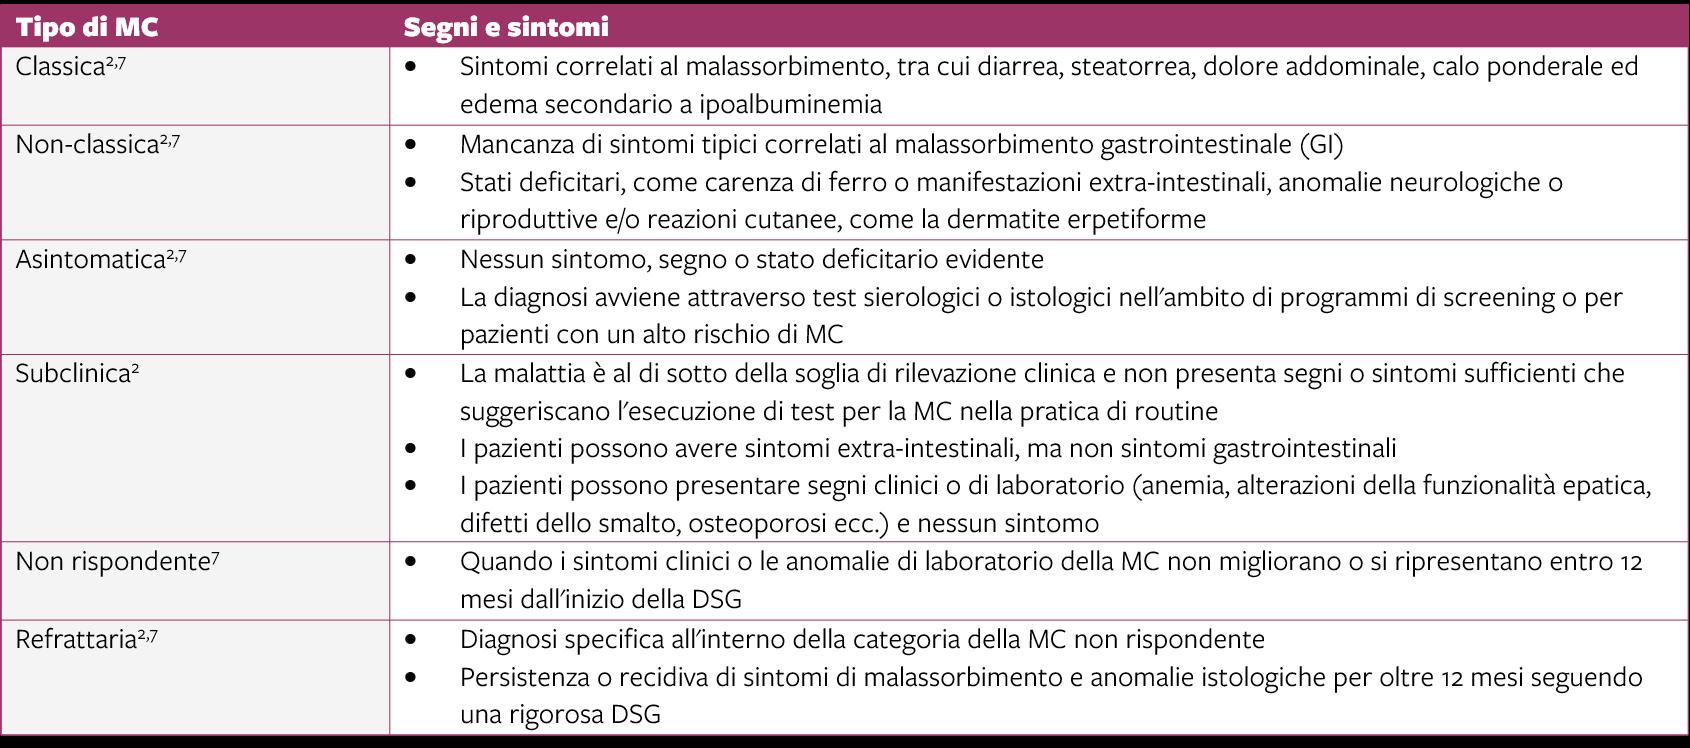 Tipo di MC, Segni e sintomi